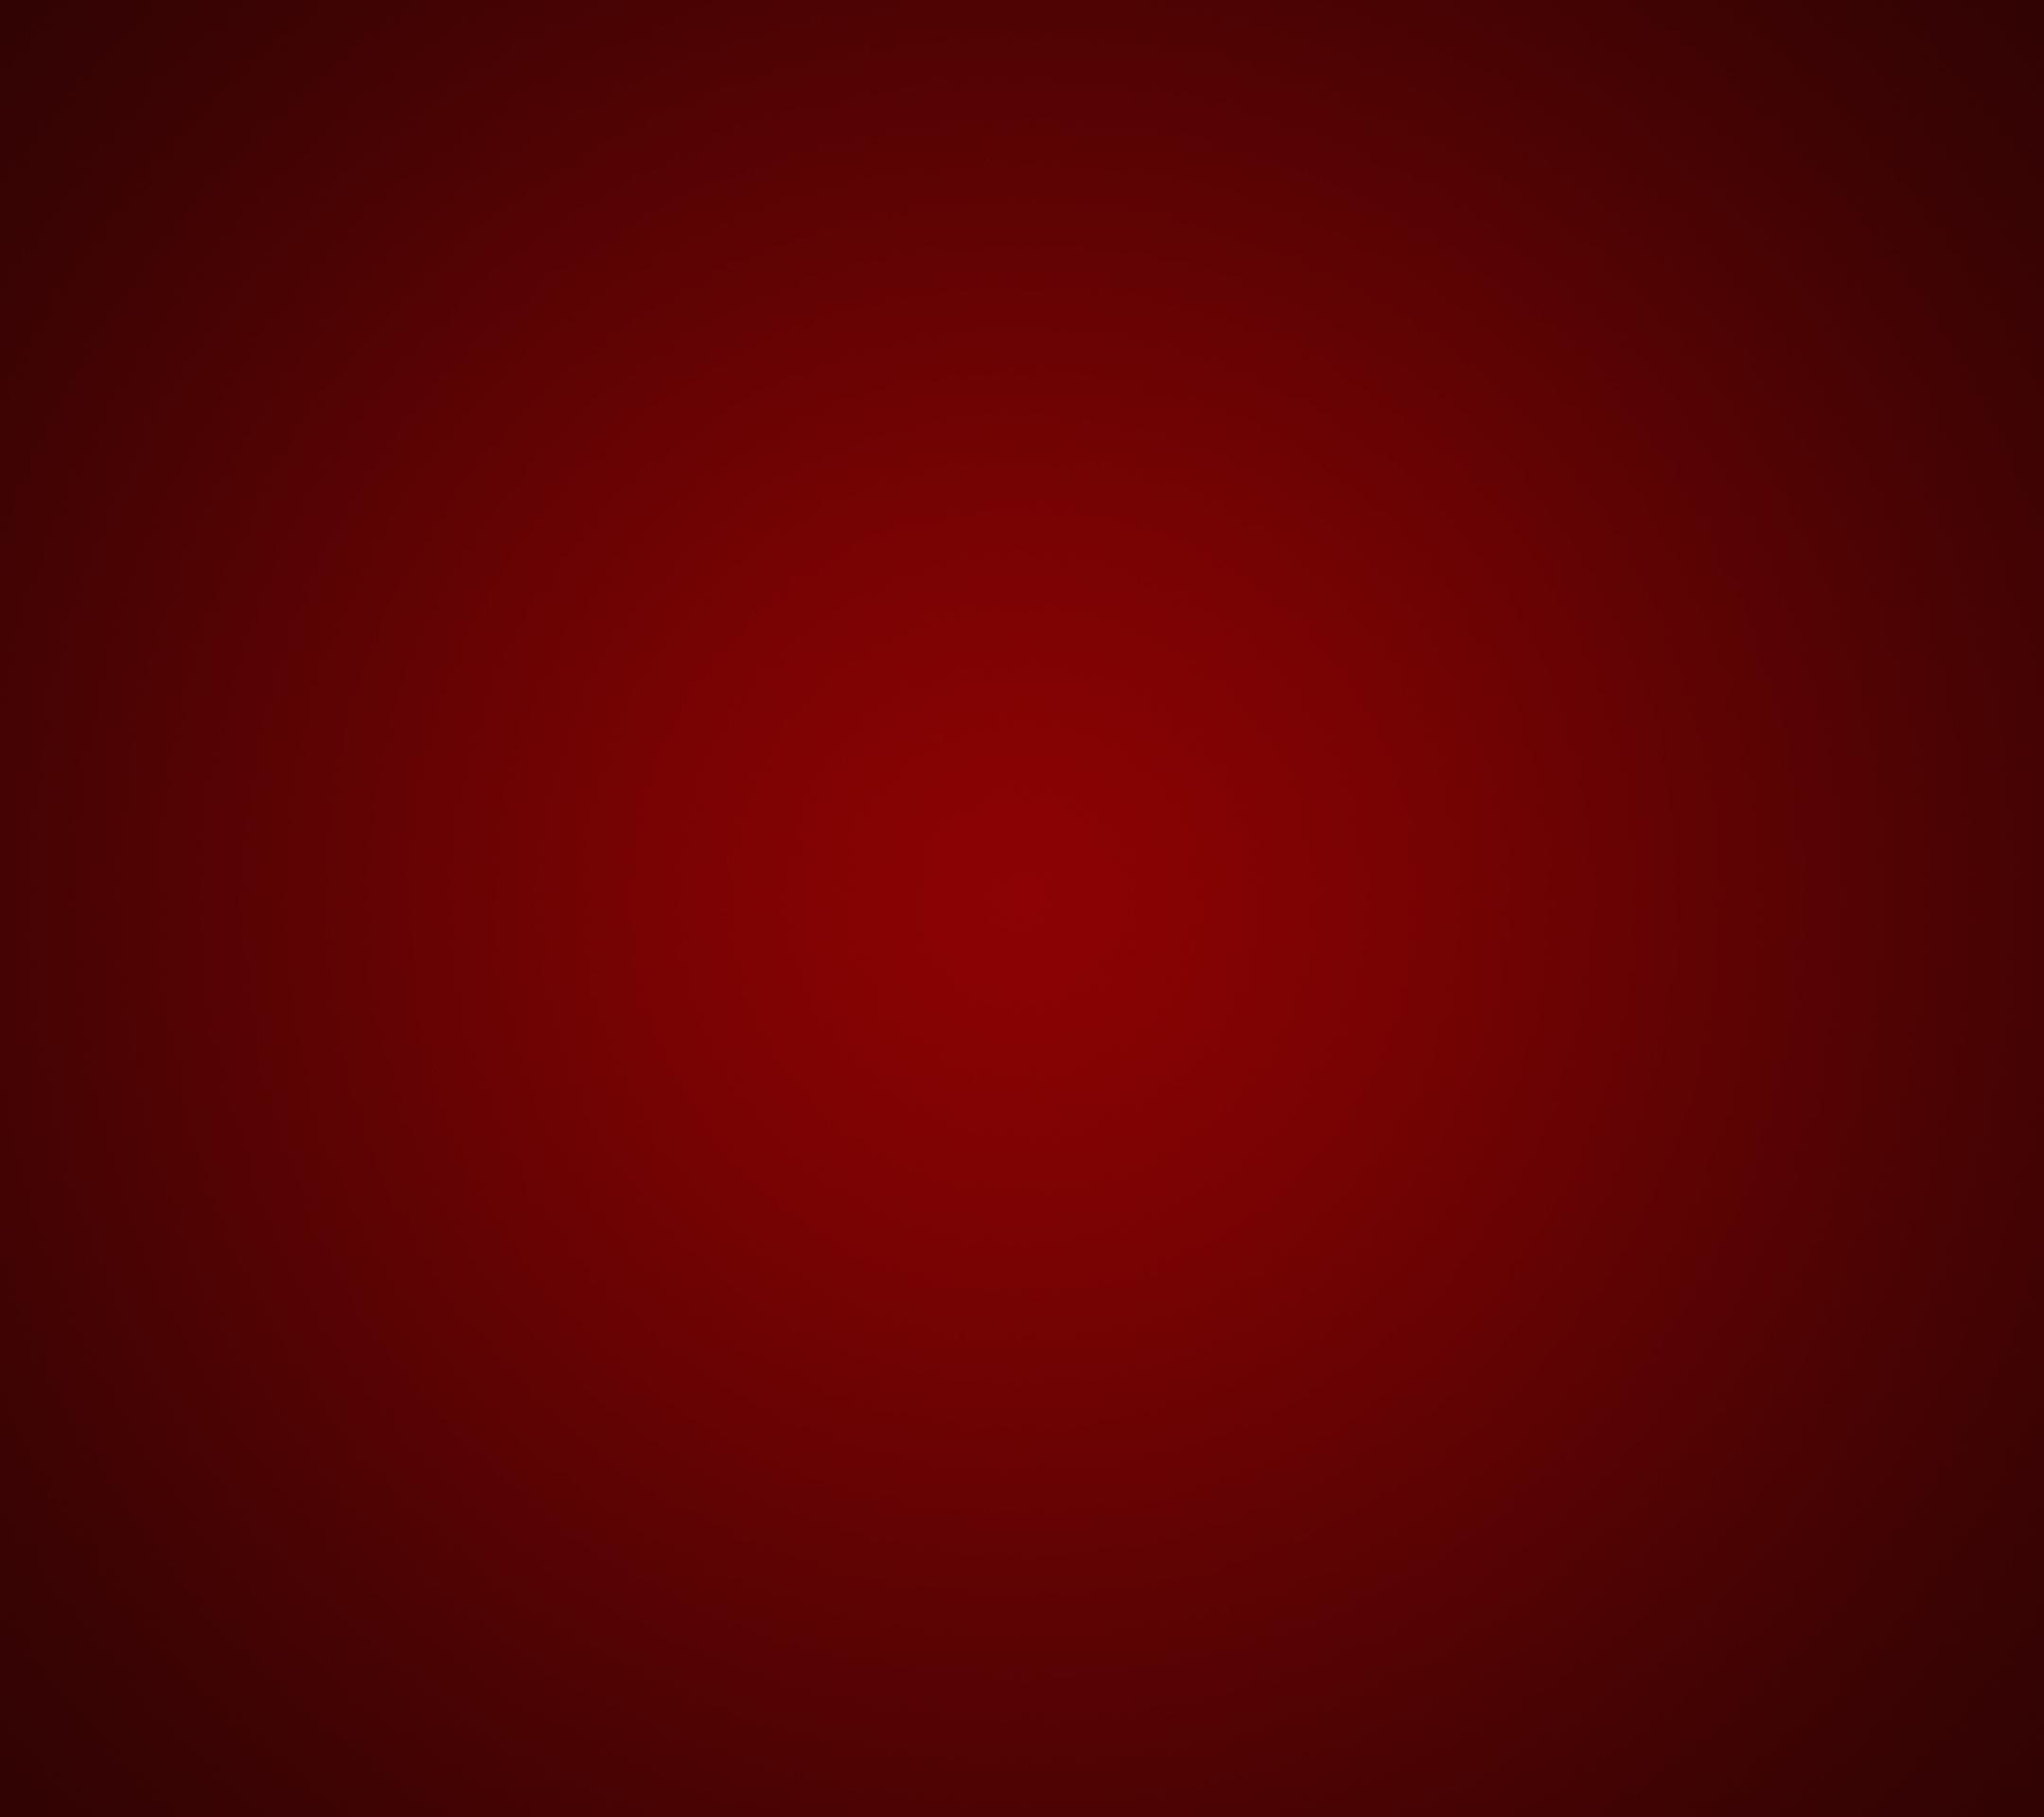 Galaxy S5 Hd Wallpaper   World of Apk 2160x1920